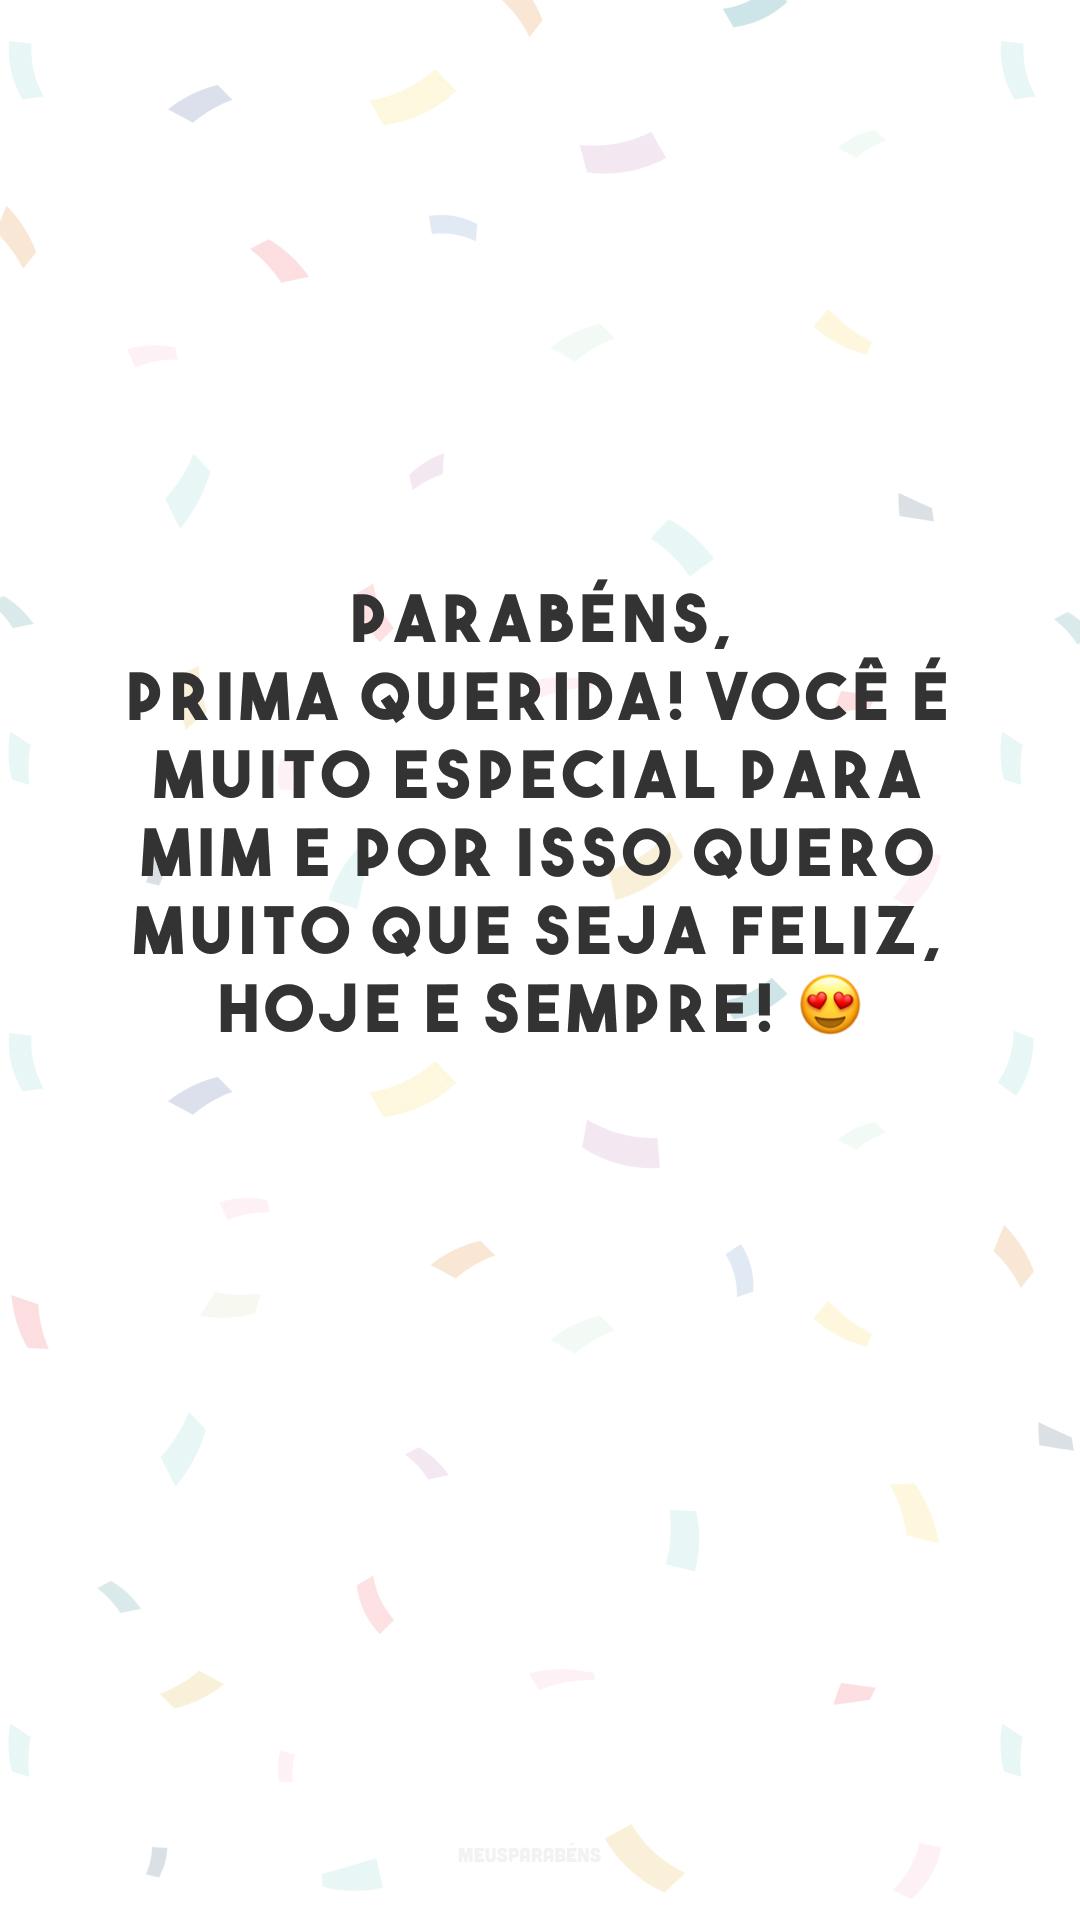 Parabéns, prima querida! Você é muito especial para mim e por isso quero muito que seja feliz, hoje e sempre! 😍